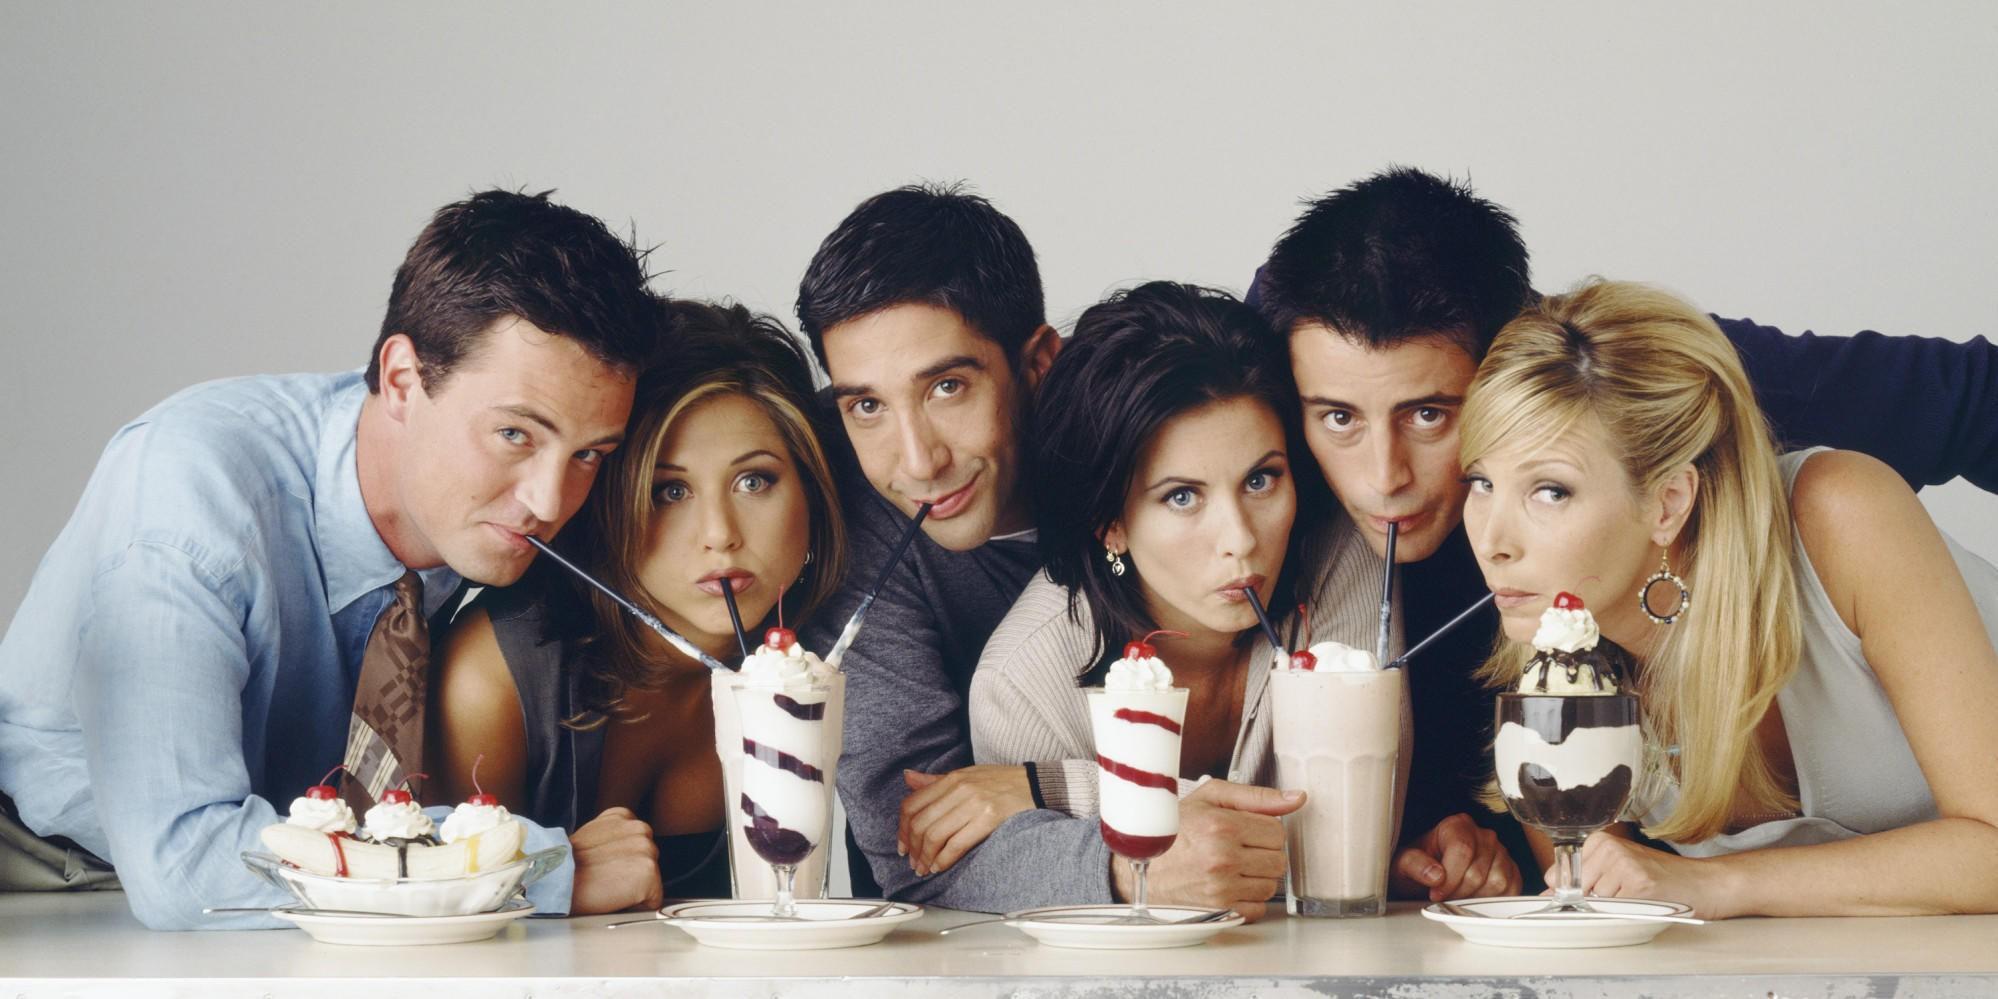 GODE GAMLE DAGER: Da siste episode av Friends ble sendt 6. mai 2004 i USA ble den sett av 52,5 millioner amerikanere. Det gjør episoden til den 5. mest sette serieavslutningen i TV-historien og den mest sette episoden på 2000-tallet.